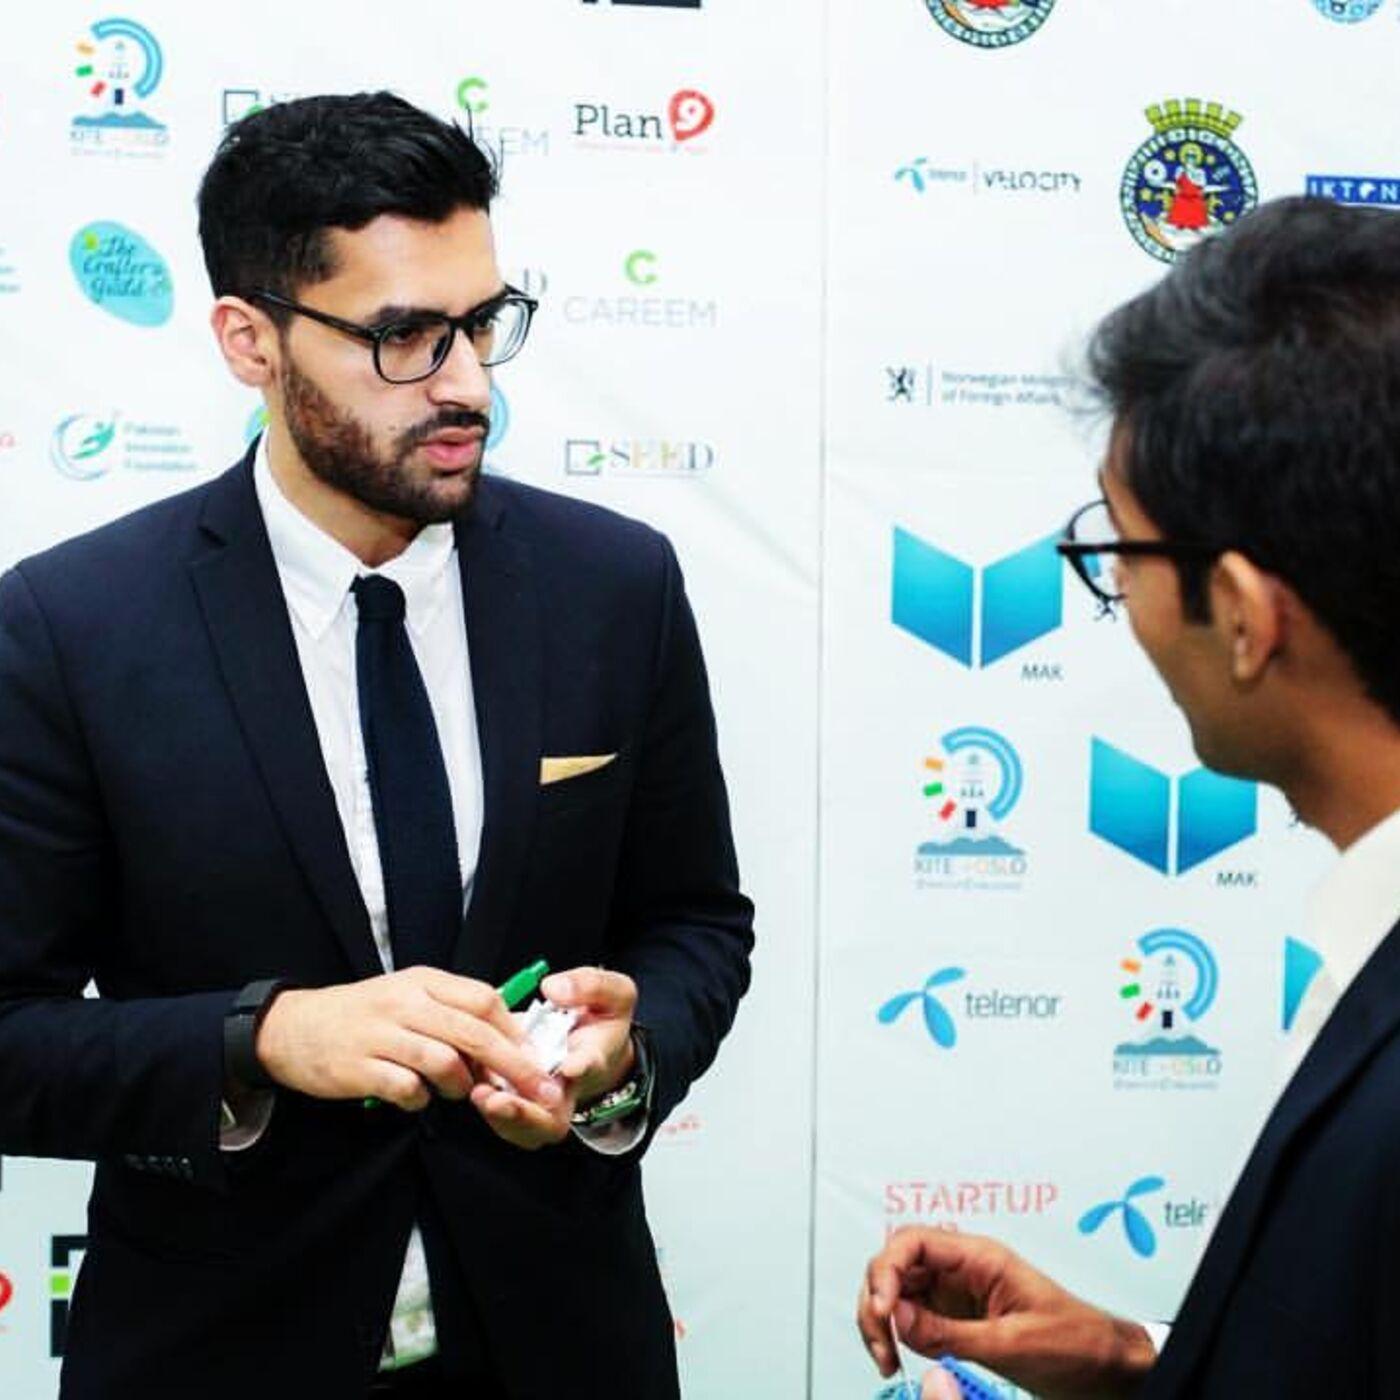 Javad Mushtaq og Rehan Safdar - Innovasjon, mangfold og inkludering